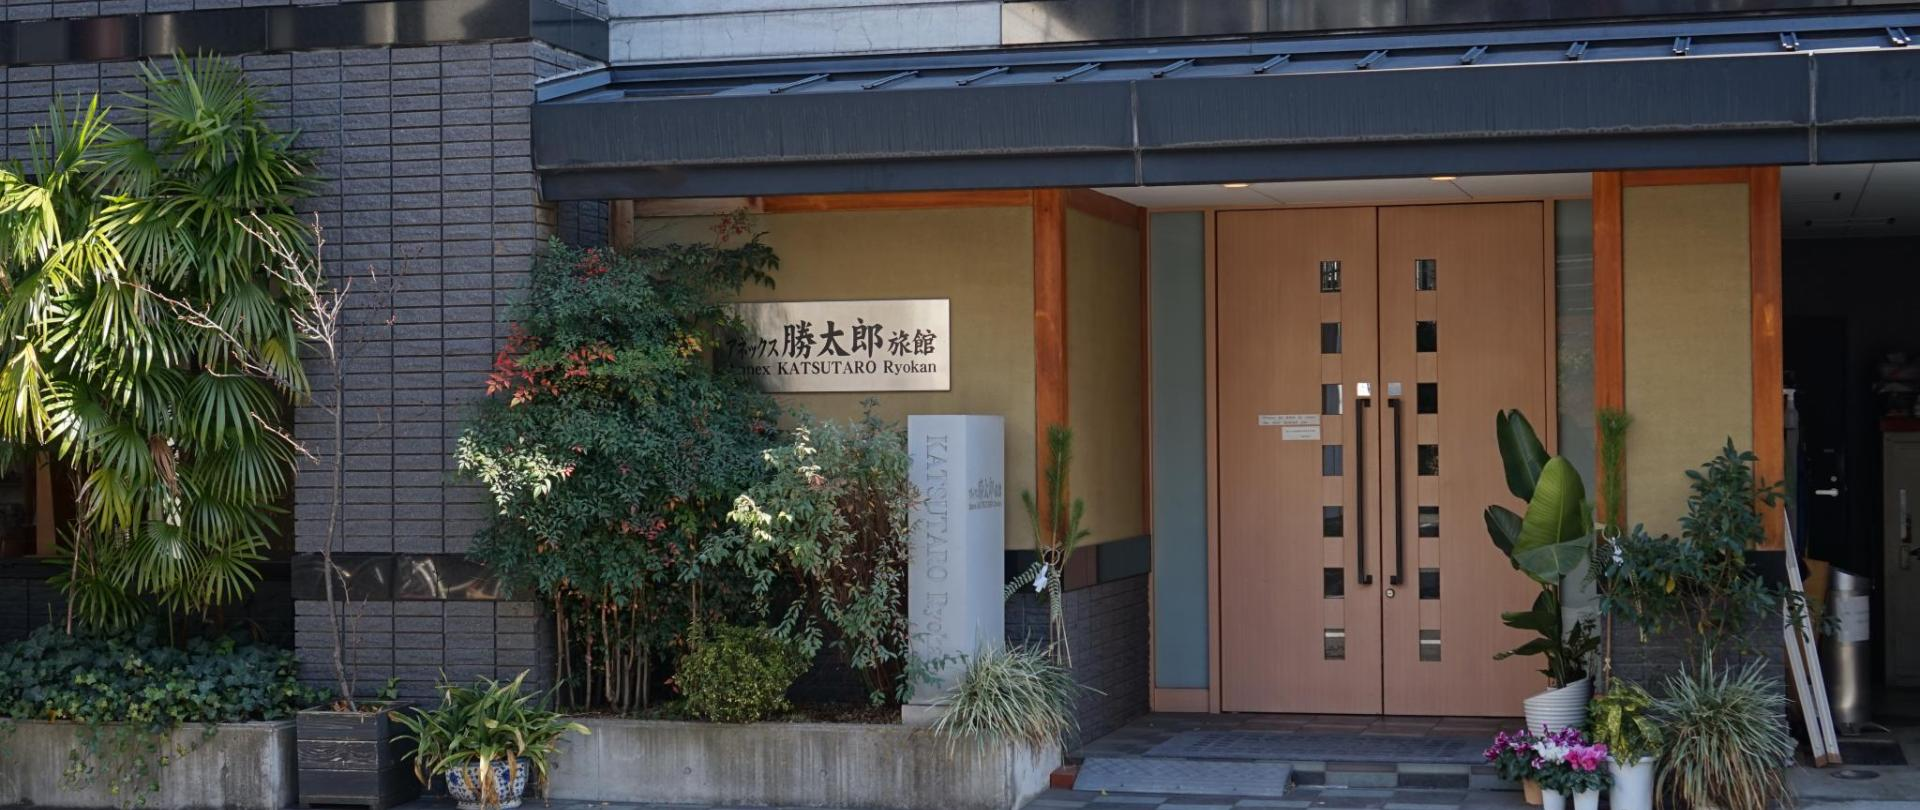 Anhang Katsutaro Ryokan